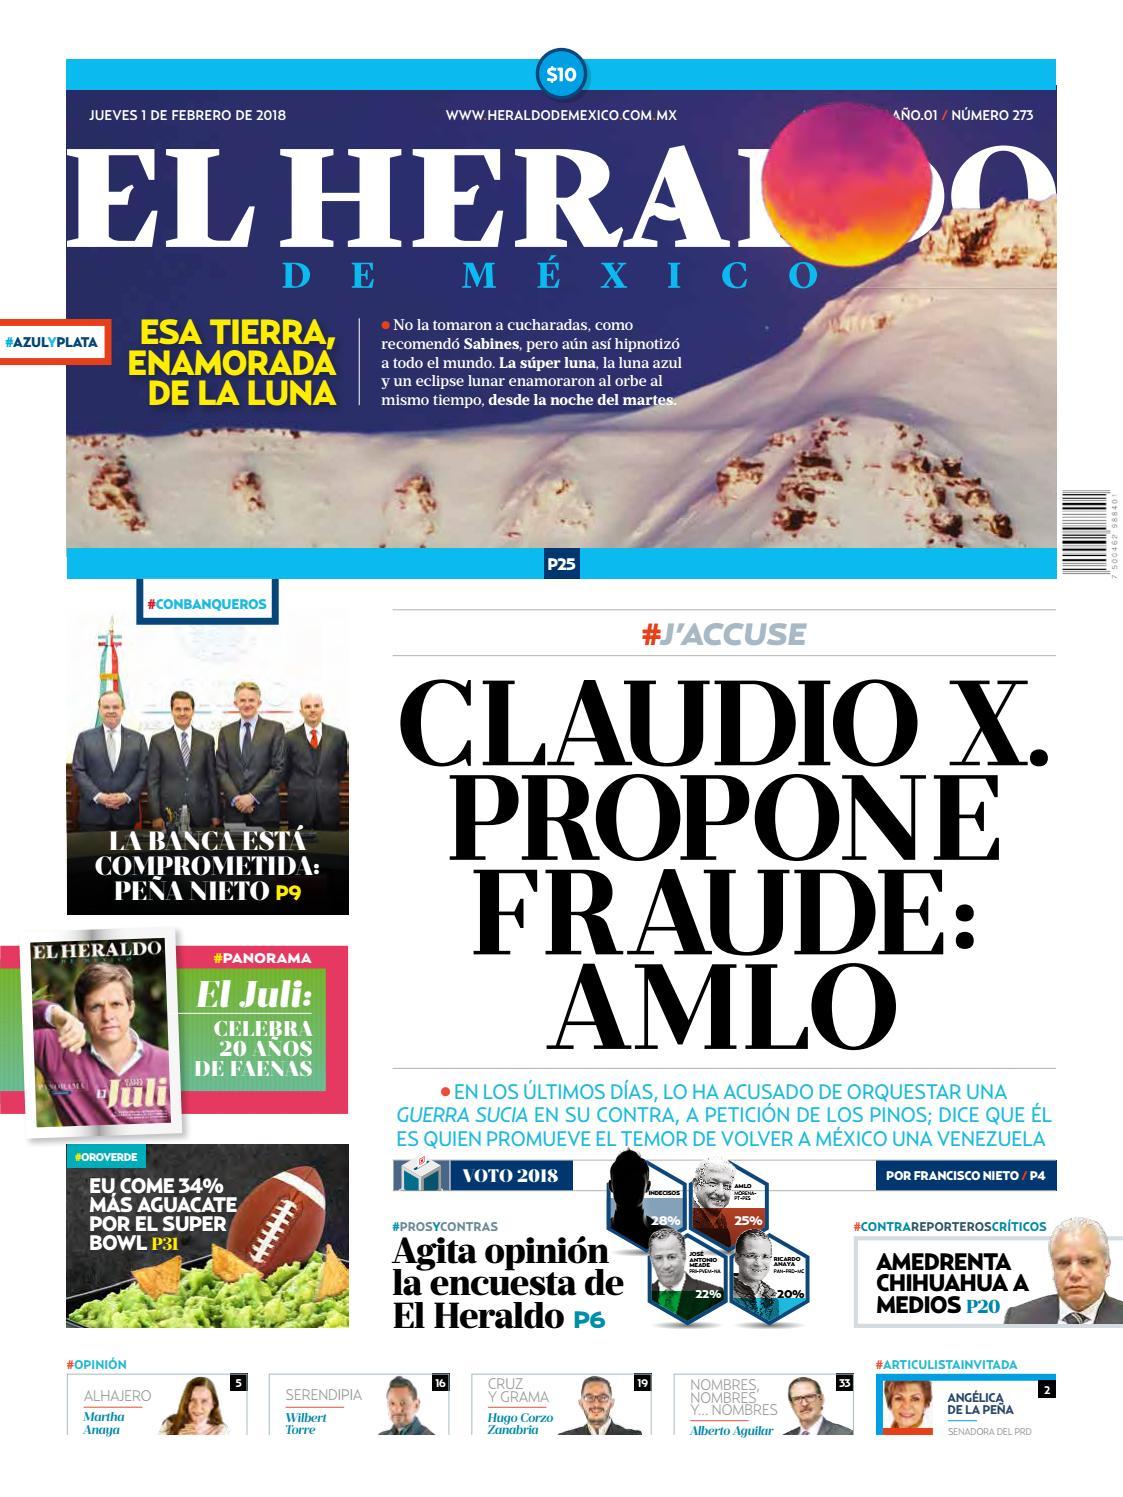 El Heraldo de México 01 de febrero de 2018 by El Heraldo de México - issuu 3940603b042